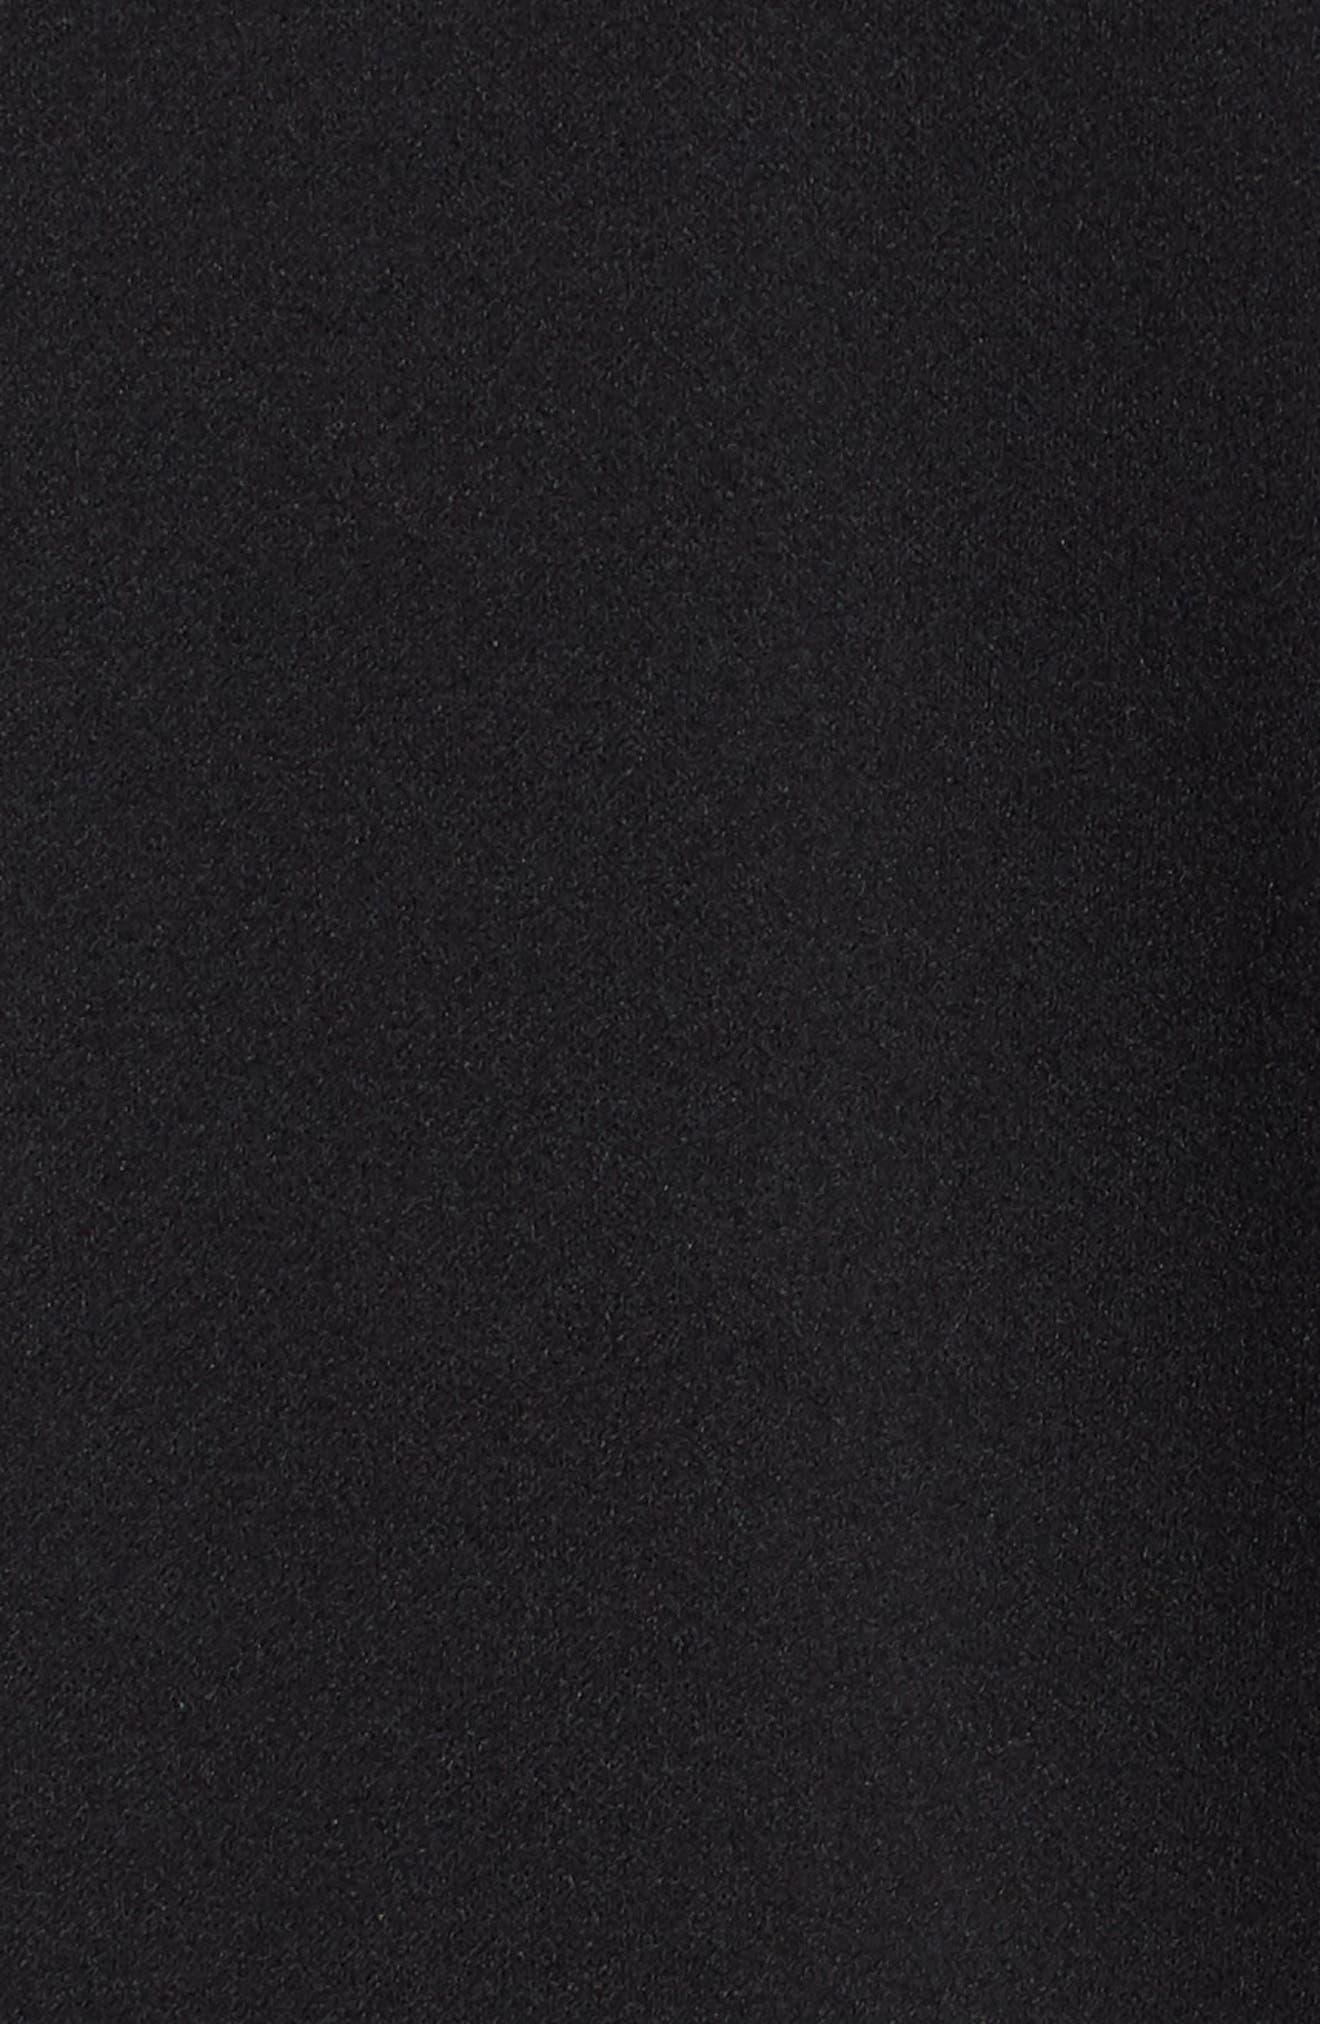 Strapless Culotte Jumpsuit,                             Alternate thumbnail 6, color,                             Black